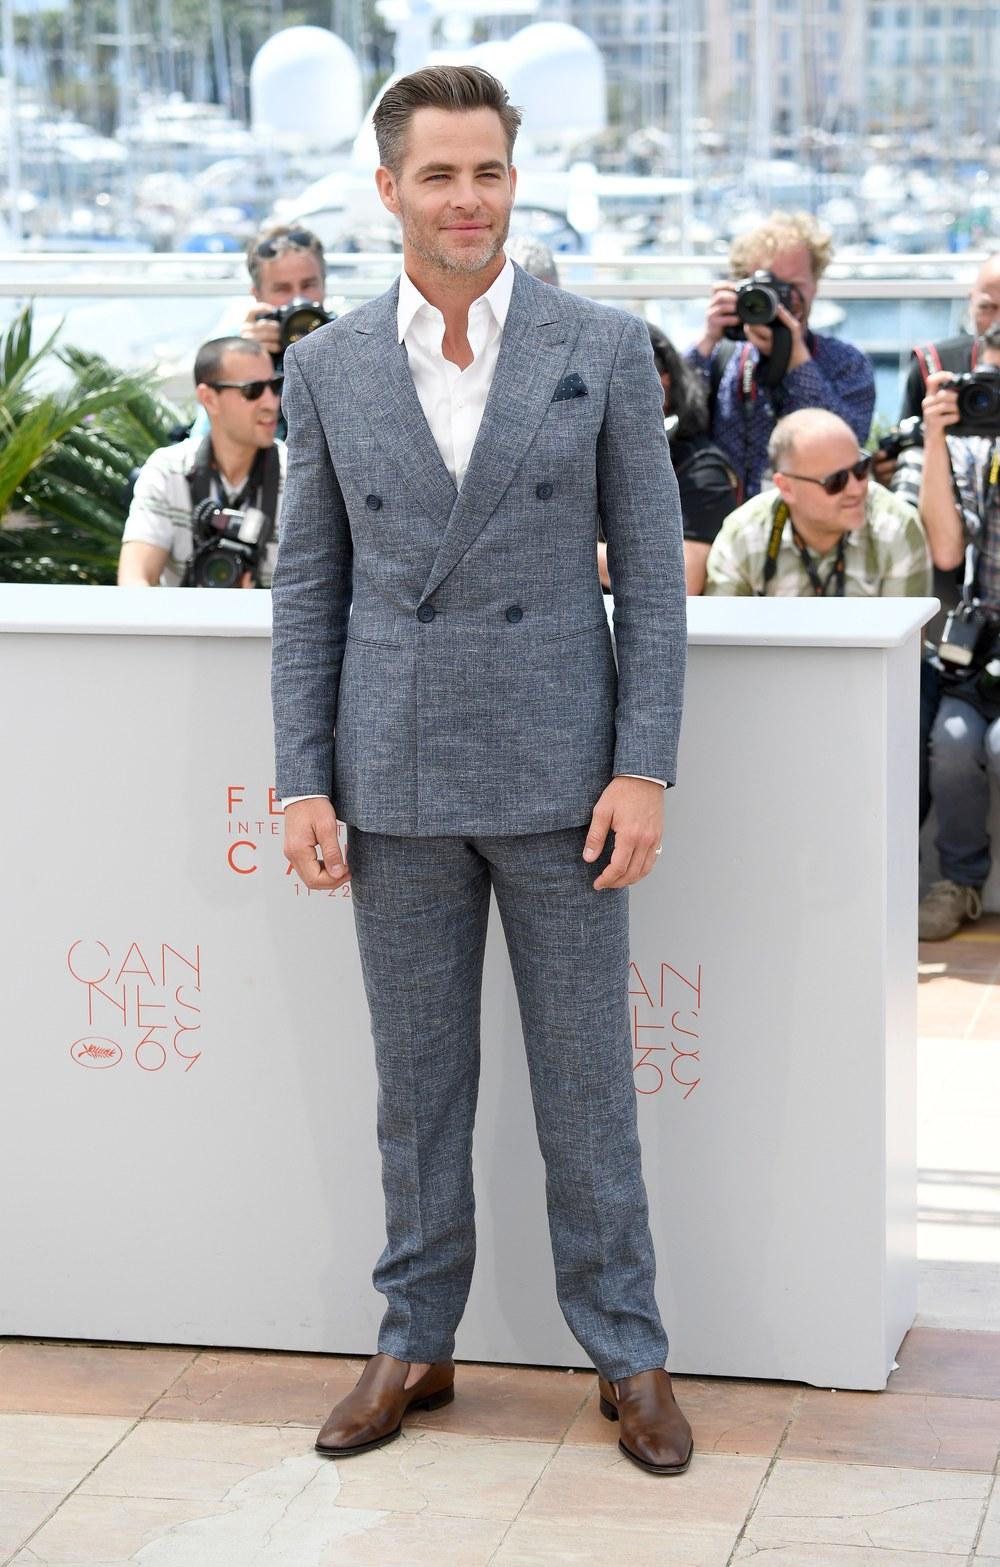 Chris Pine Eventos diurnos pedem trajes mais claros. Tomem Chris Pine como exemplo. O modelo transpassado é um clássico e nem sempre precisa ser acompanhado por uma gravata. O sapato marrom sem meia ajudou ainda mais a manter o ar despojado e elegante do conjunto.